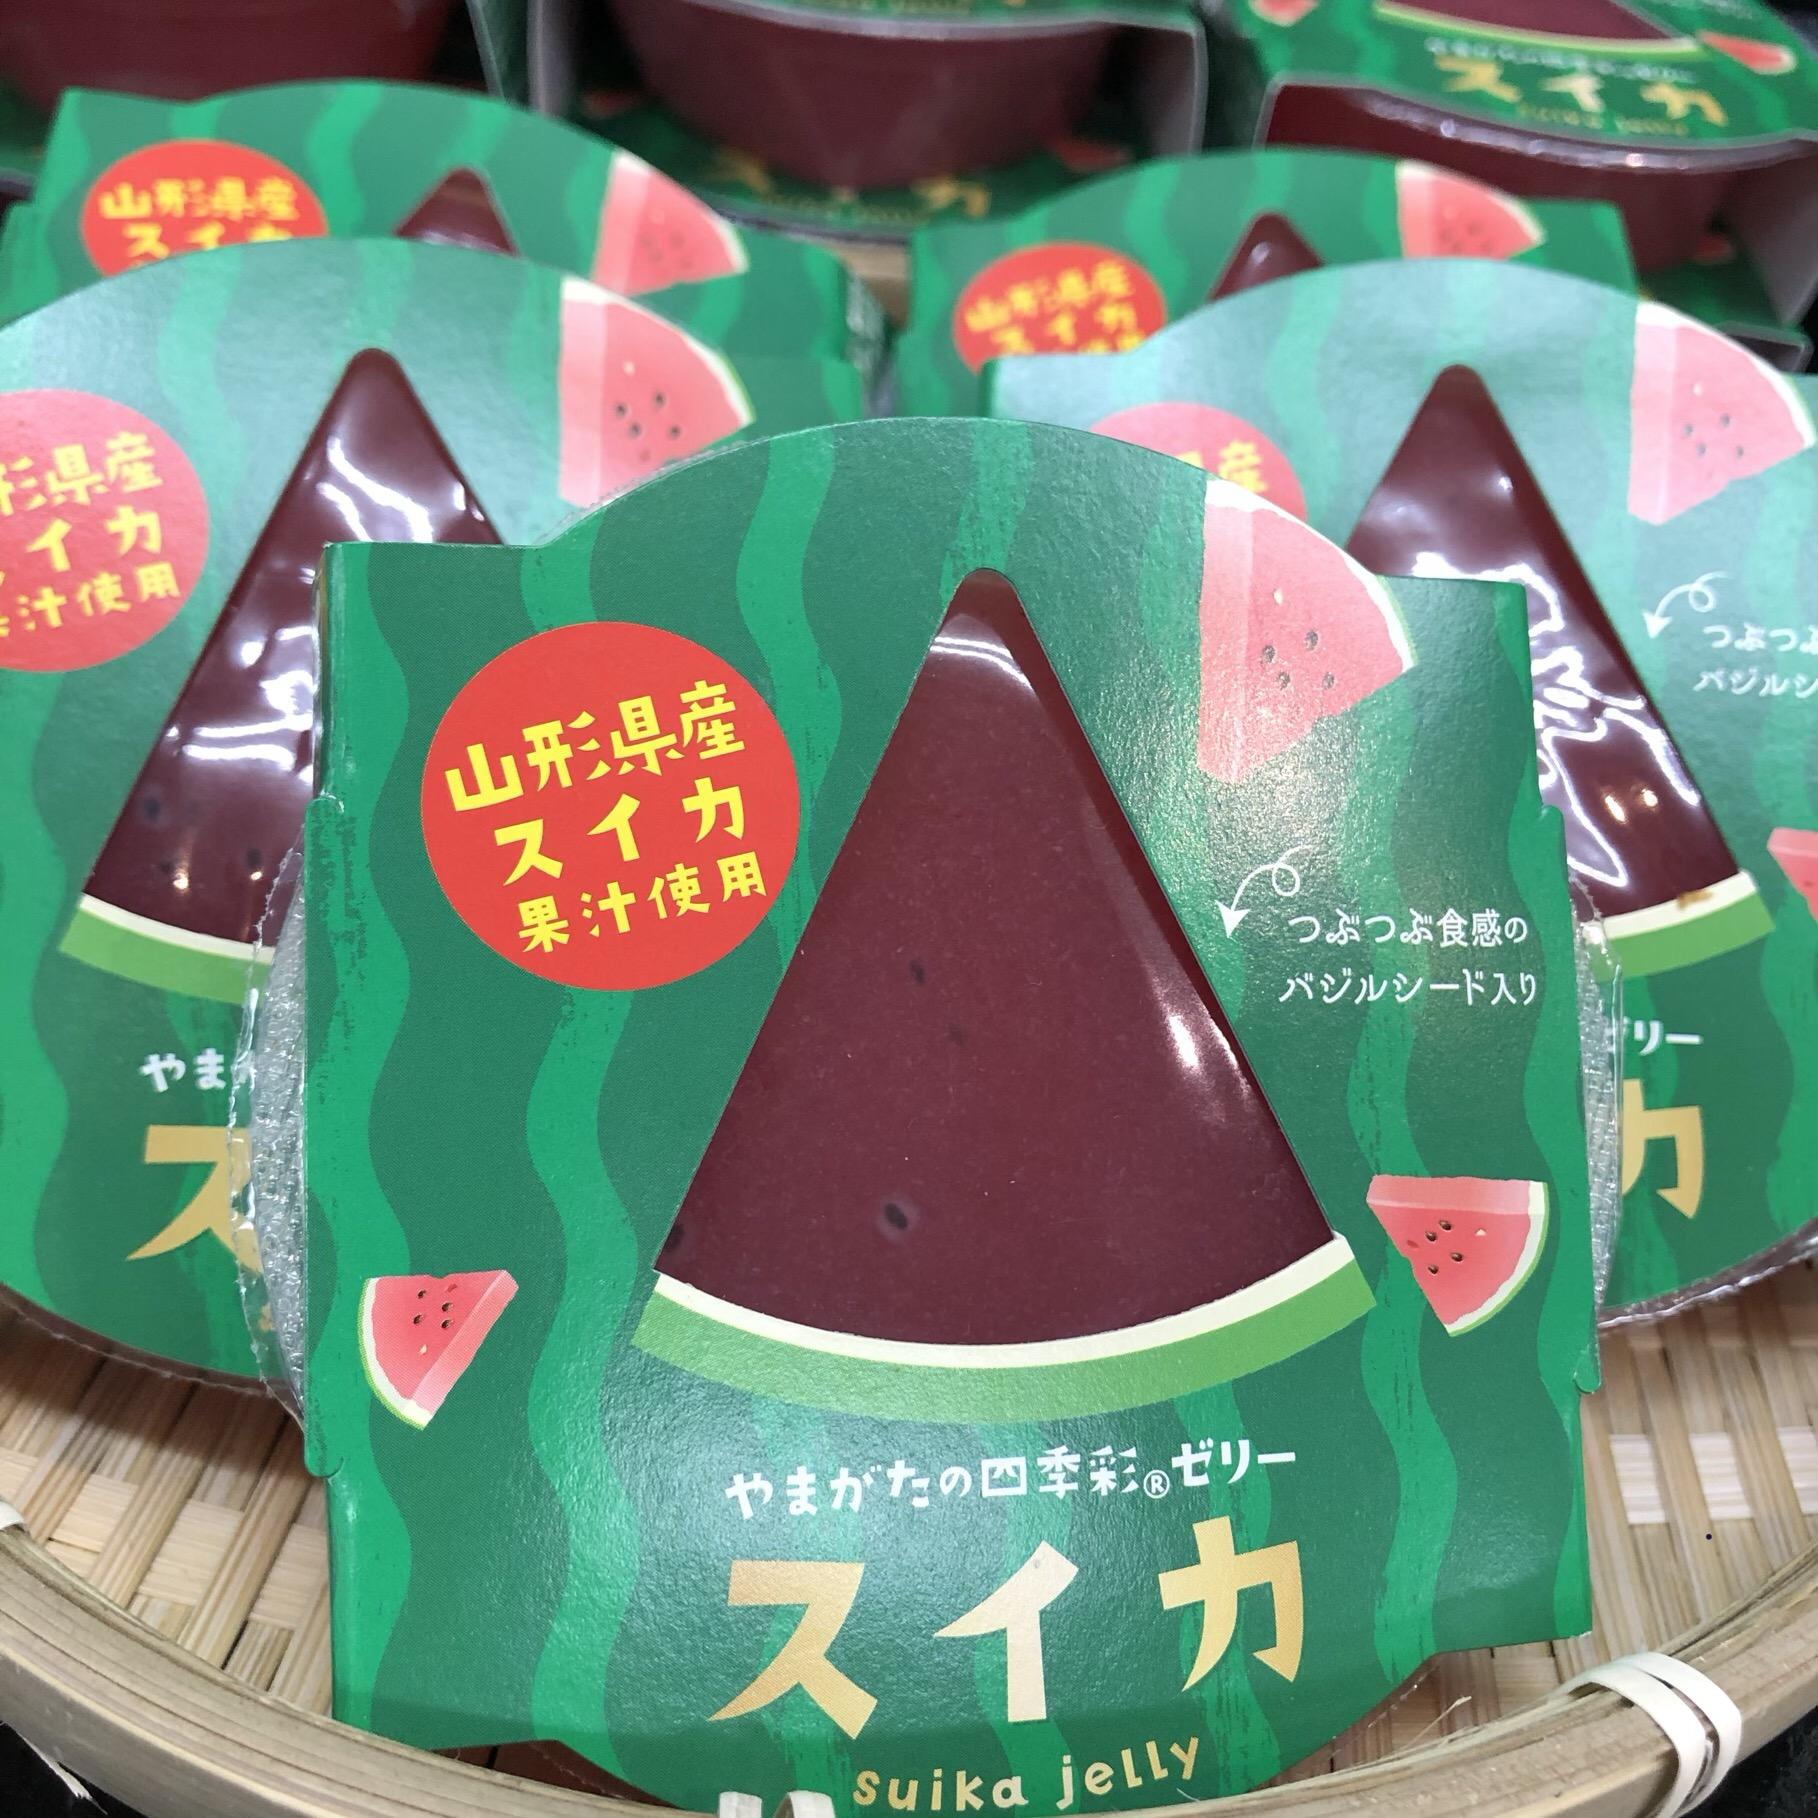 山形県産スイカ果汁使用 スイカゼリー:画像